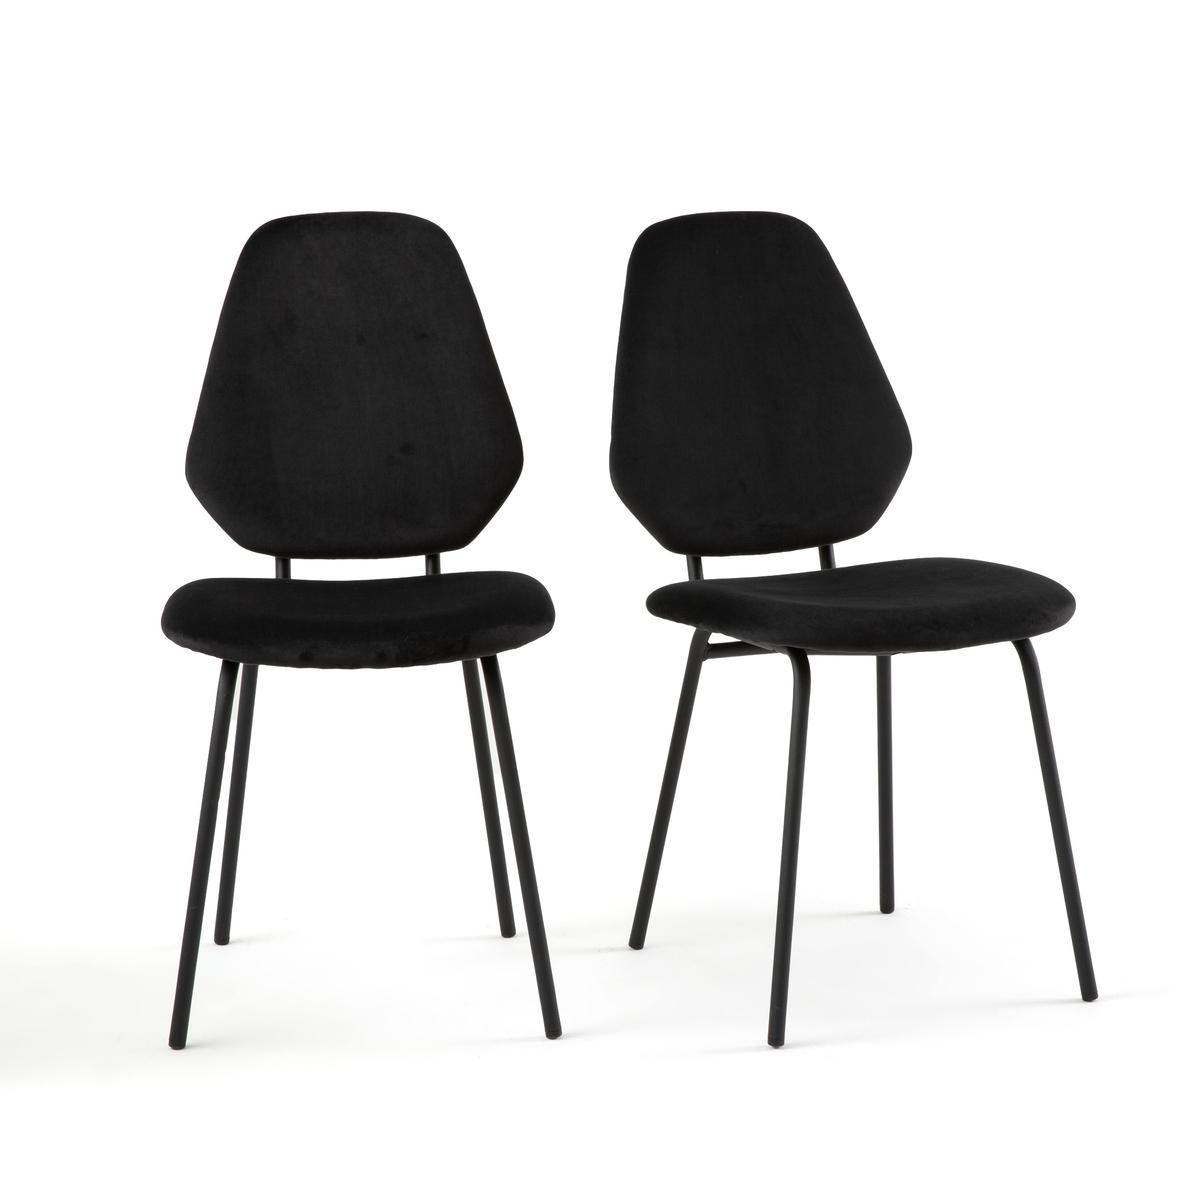 2 стула LaRedoute В винтажном стиле из велюра DIAMOND единый размер черный кресло la redoute обеденное из велюра в винтажном стиле luxore единый размер синий